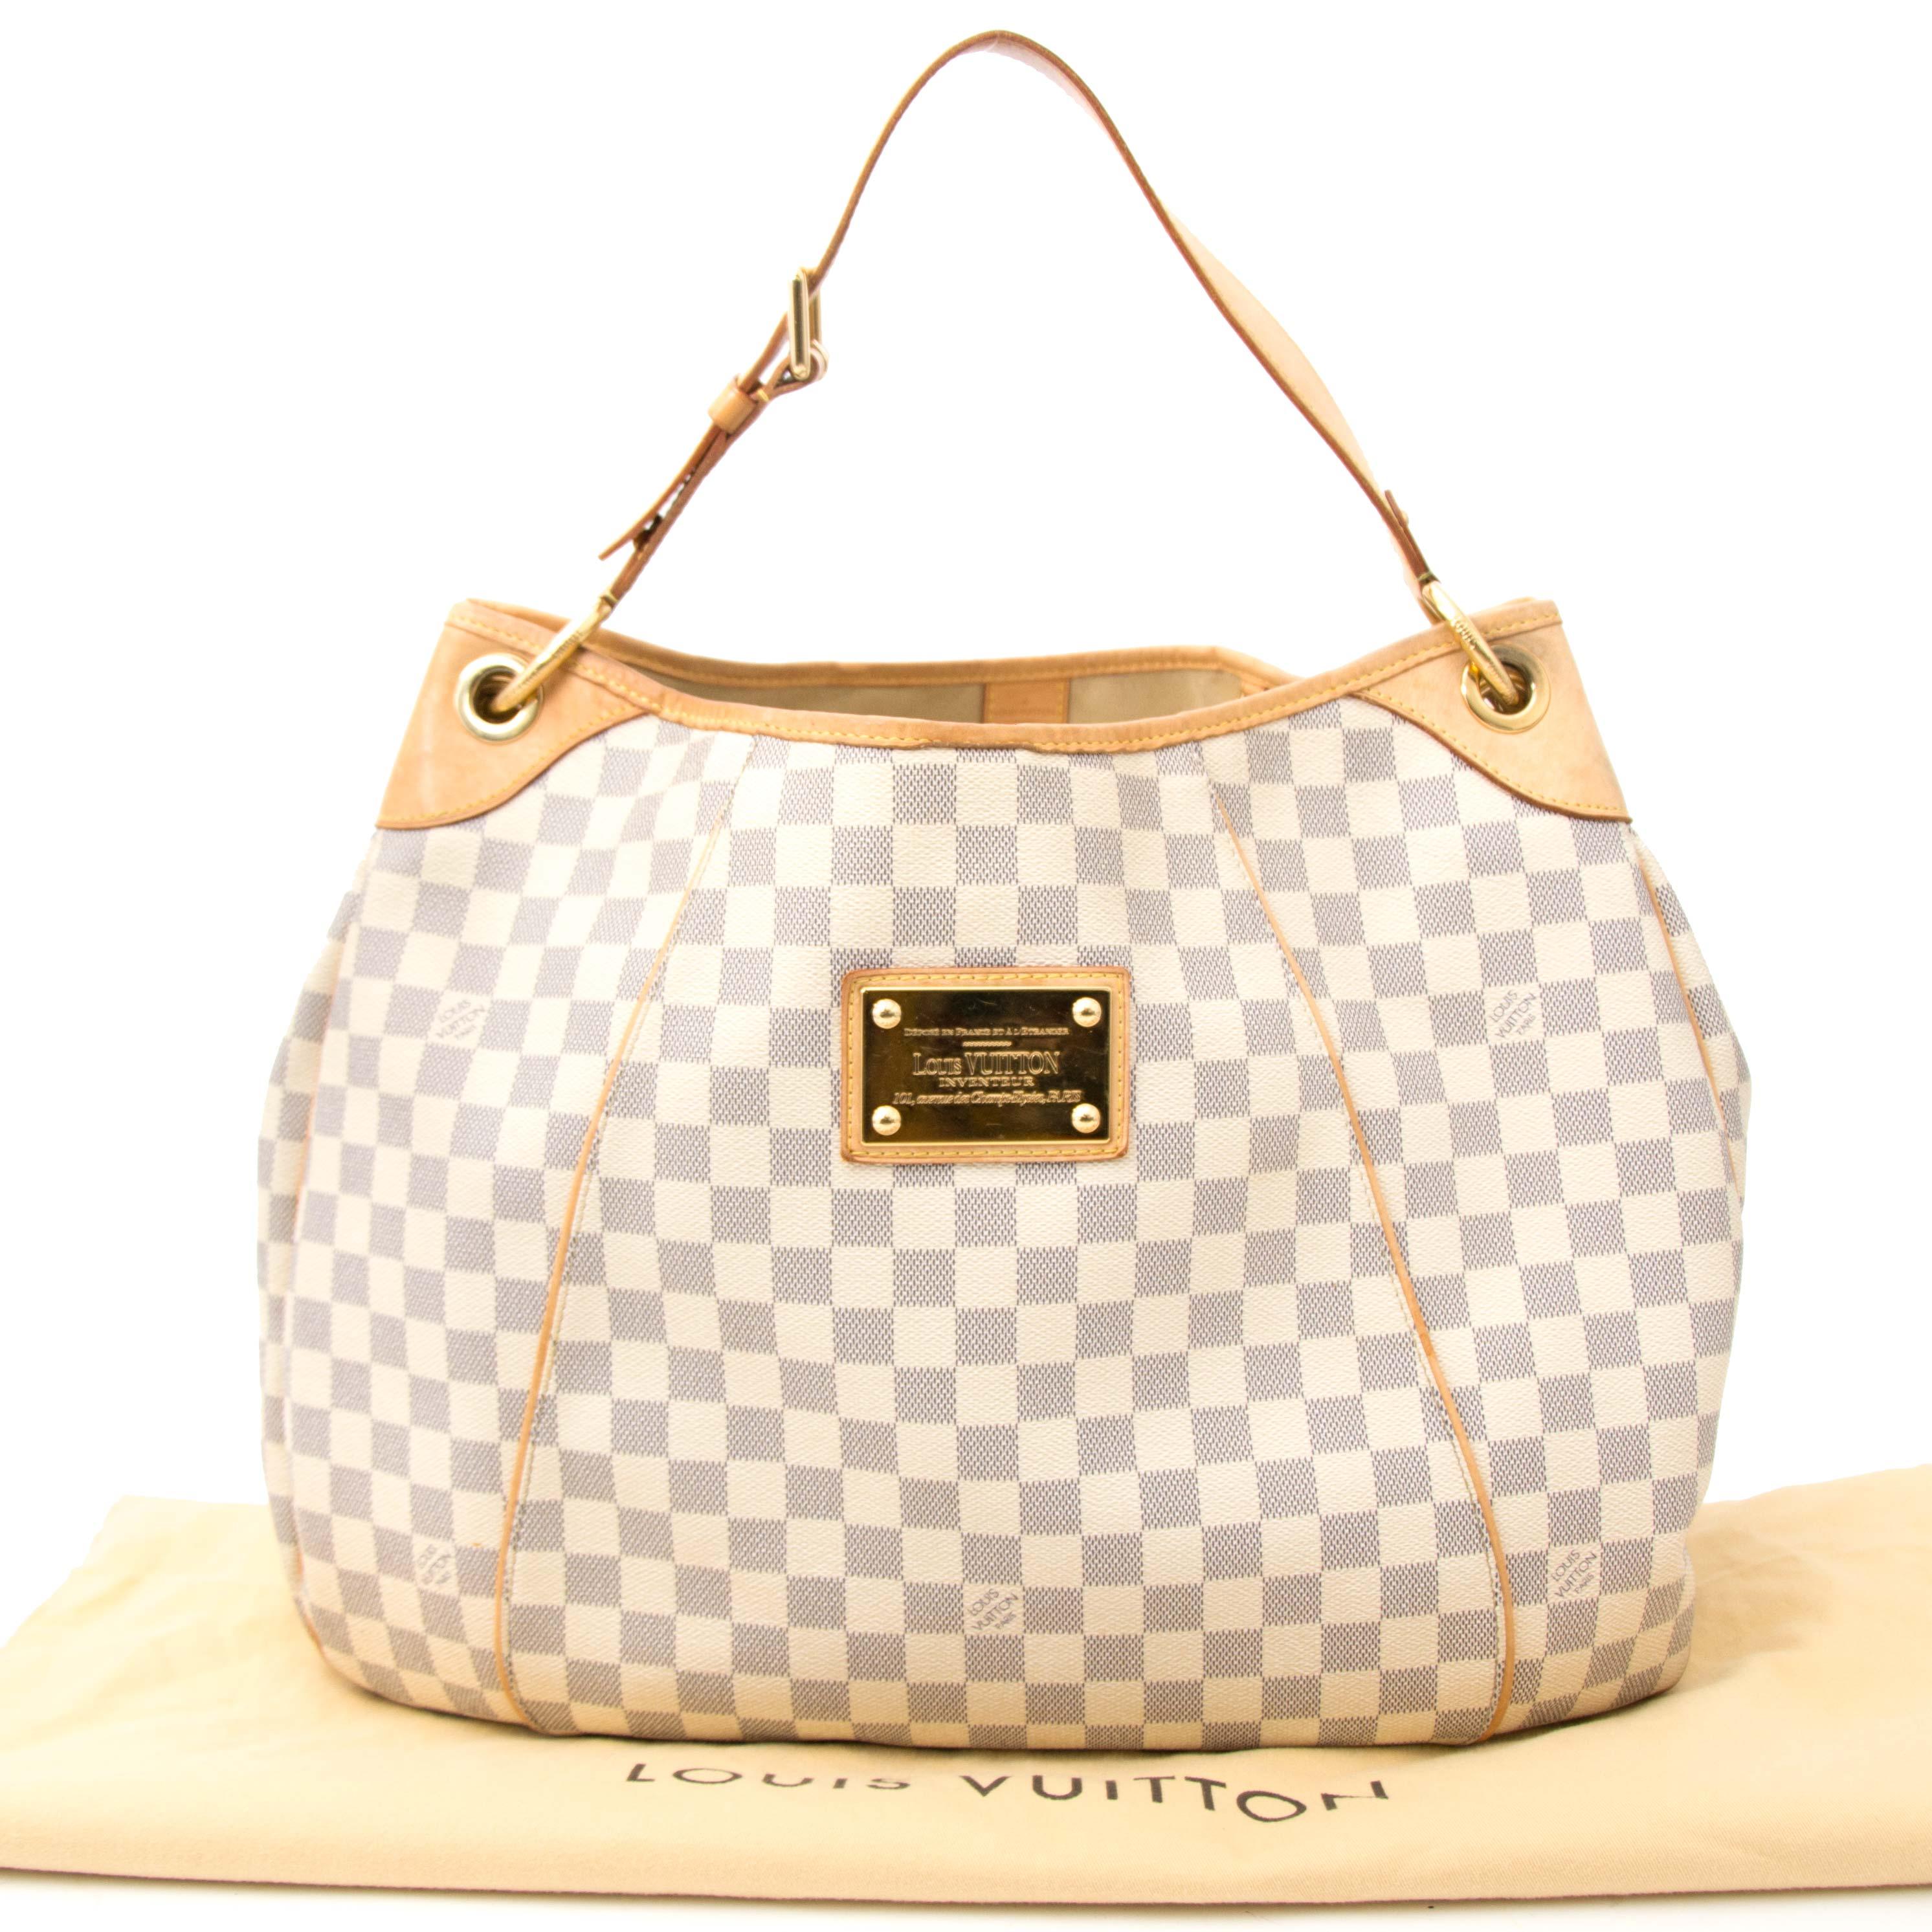 acheter en ligne pour le meilleur prix Louis Vuitton Azur Galliera GM Hobo Bag